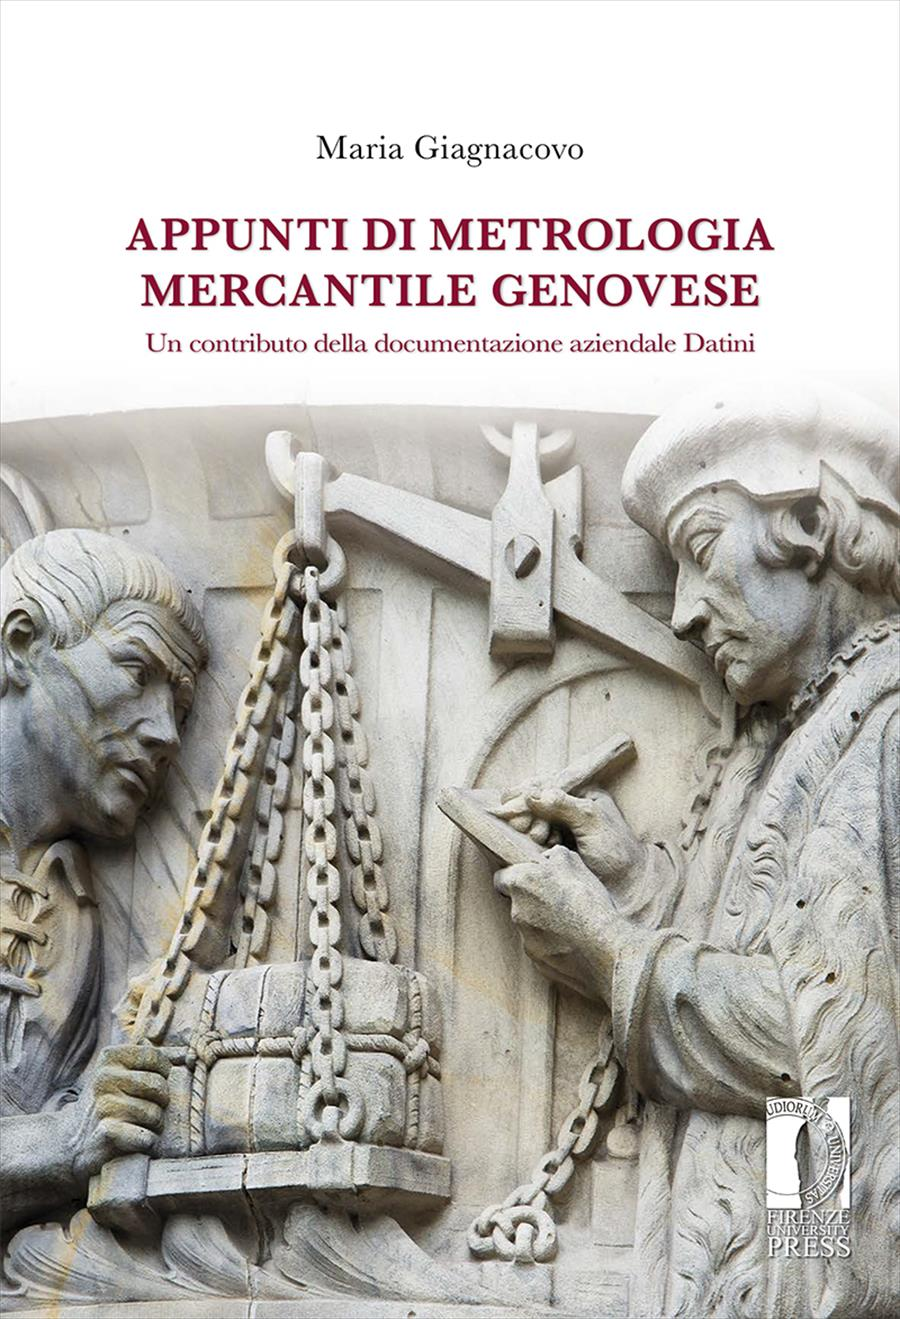 Appunti di metrologia mercantile genovese